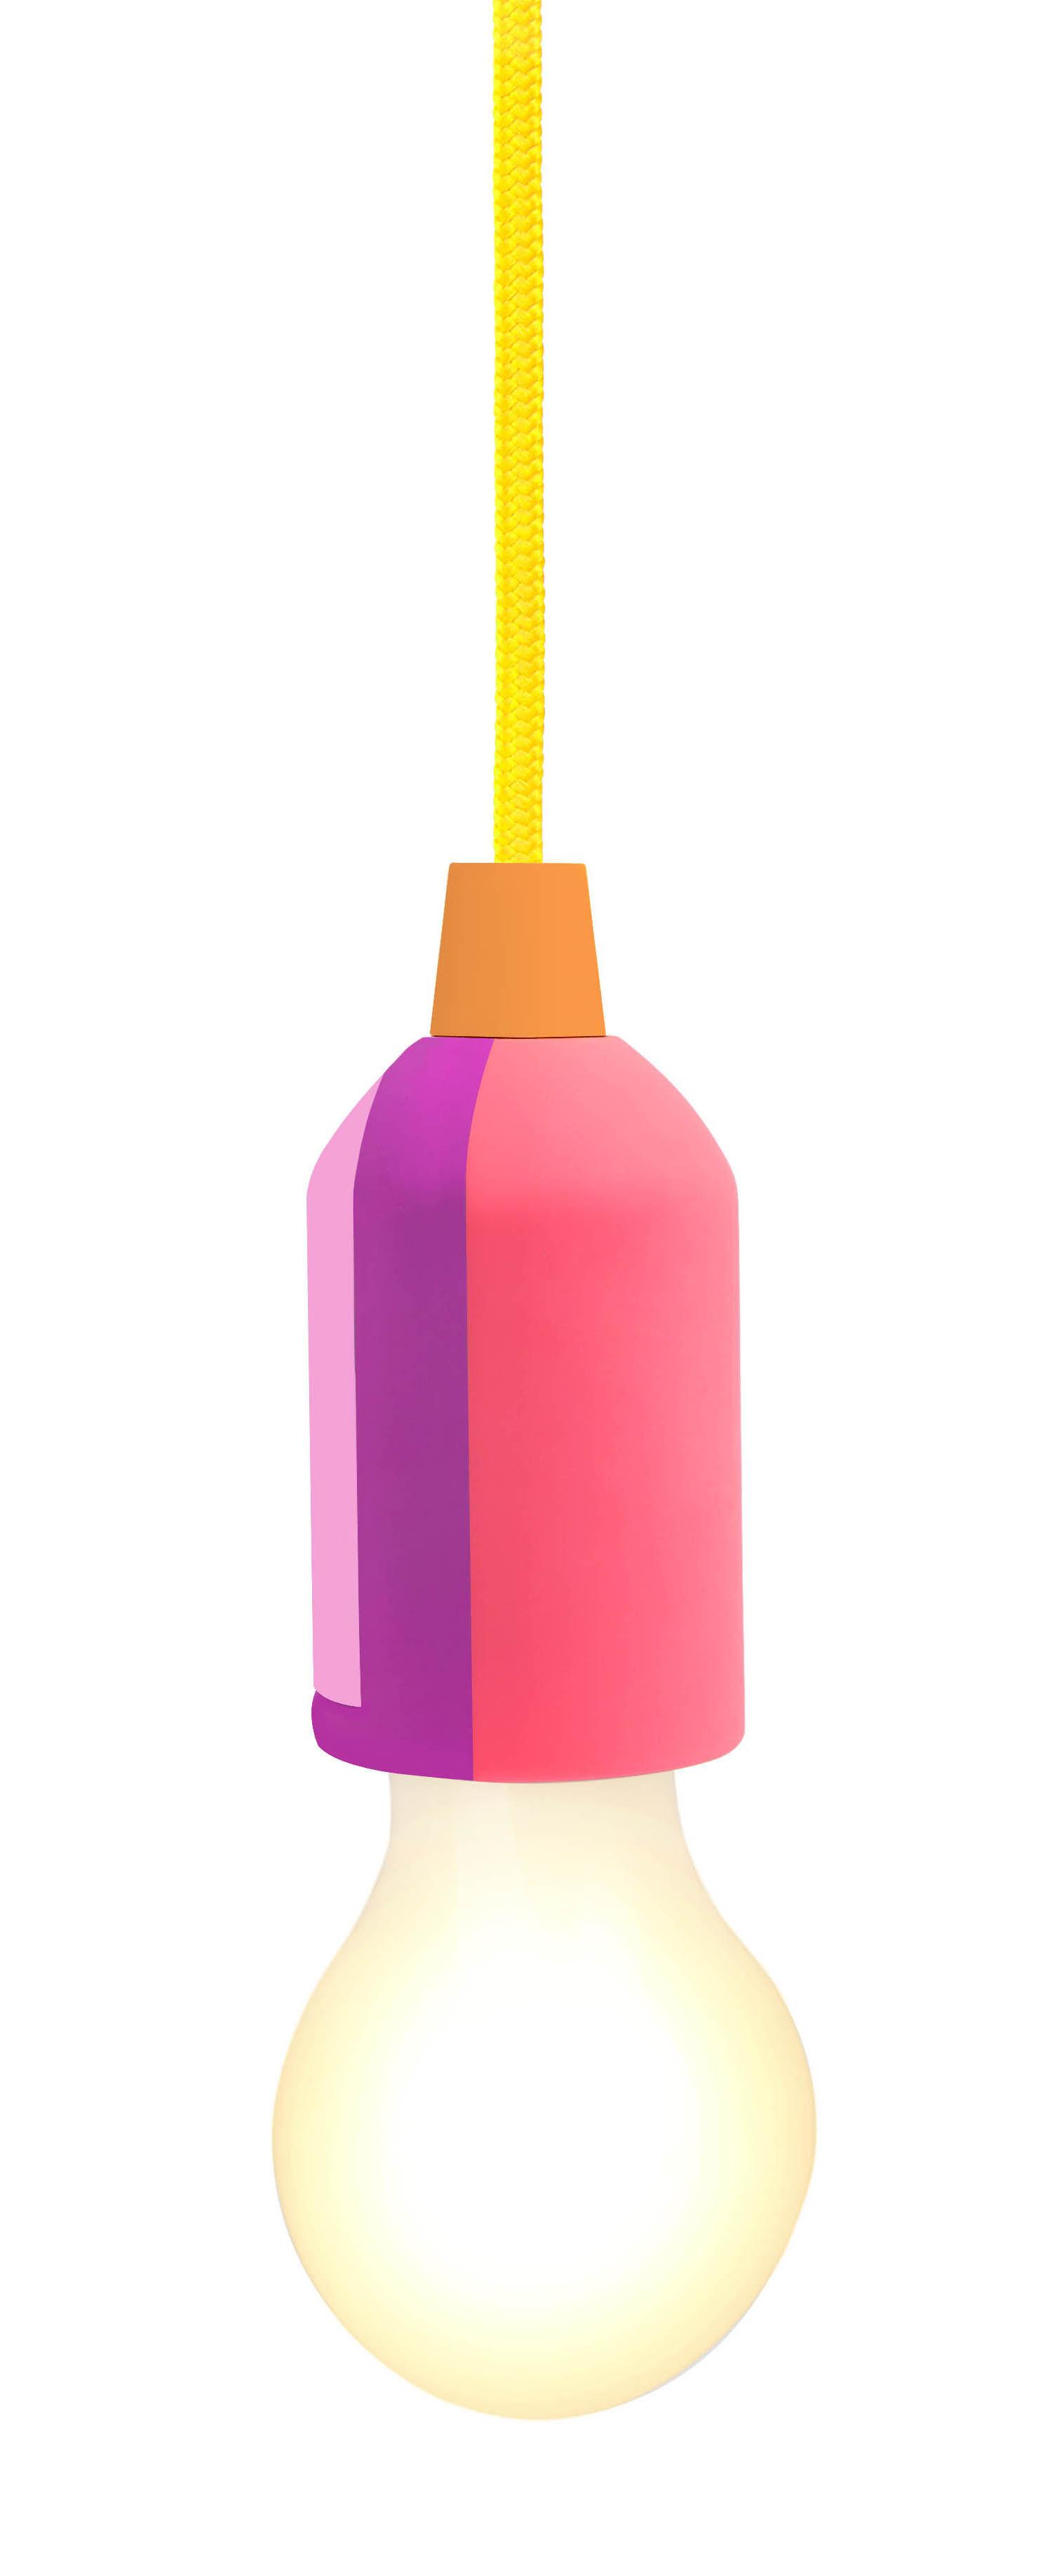 Interni - Per bambini - Lampada senza fili Pull Cord - / LED - Cavo tessuto da appendere di Sunnylife - Arcobaleno / Rosa & viola -  Plastique opalin, ABS, Tessuto